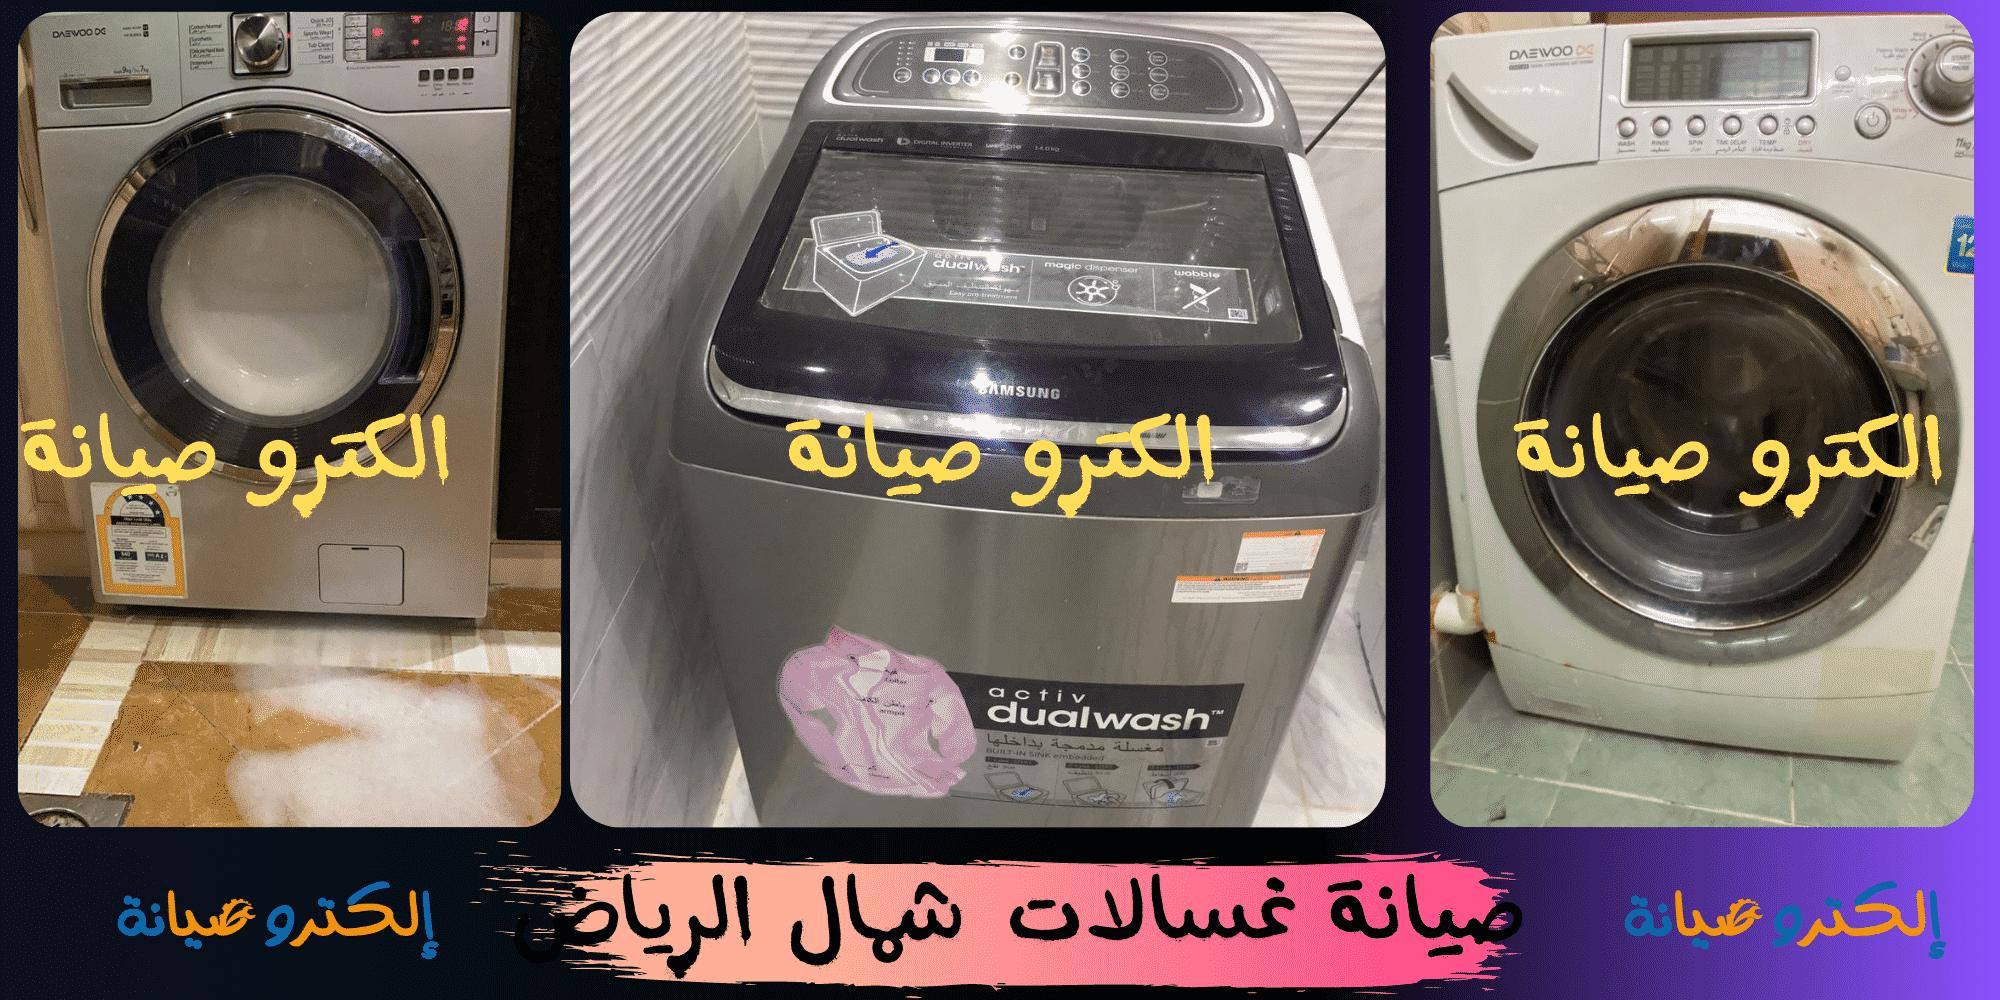 صيانة غسالات شمال الرياض